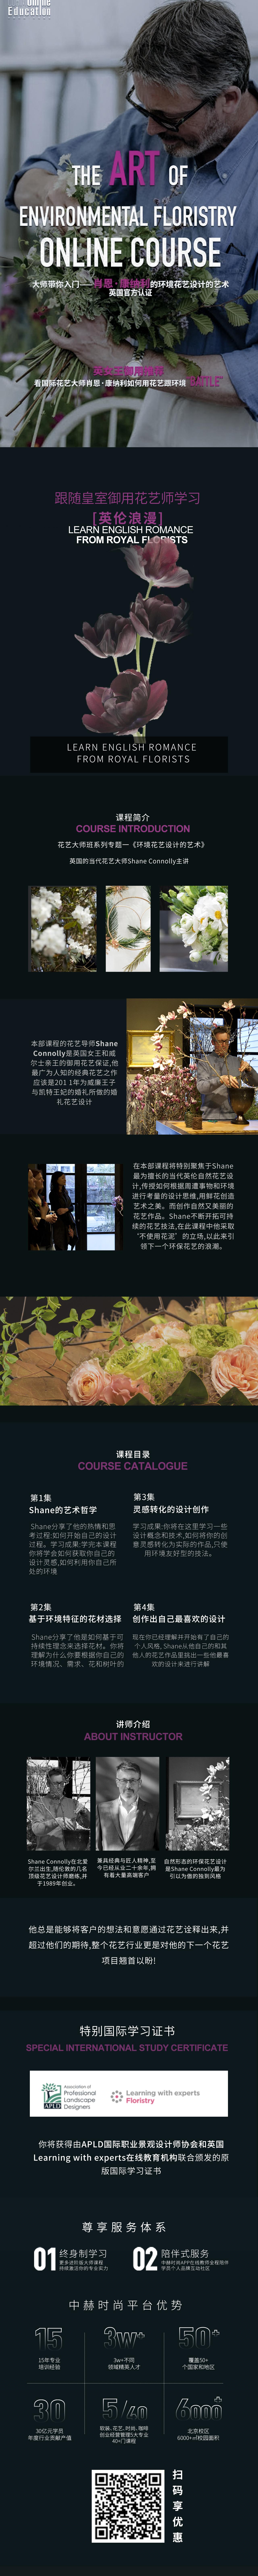 线上环境花艺--1280xiugaiban-.jpg